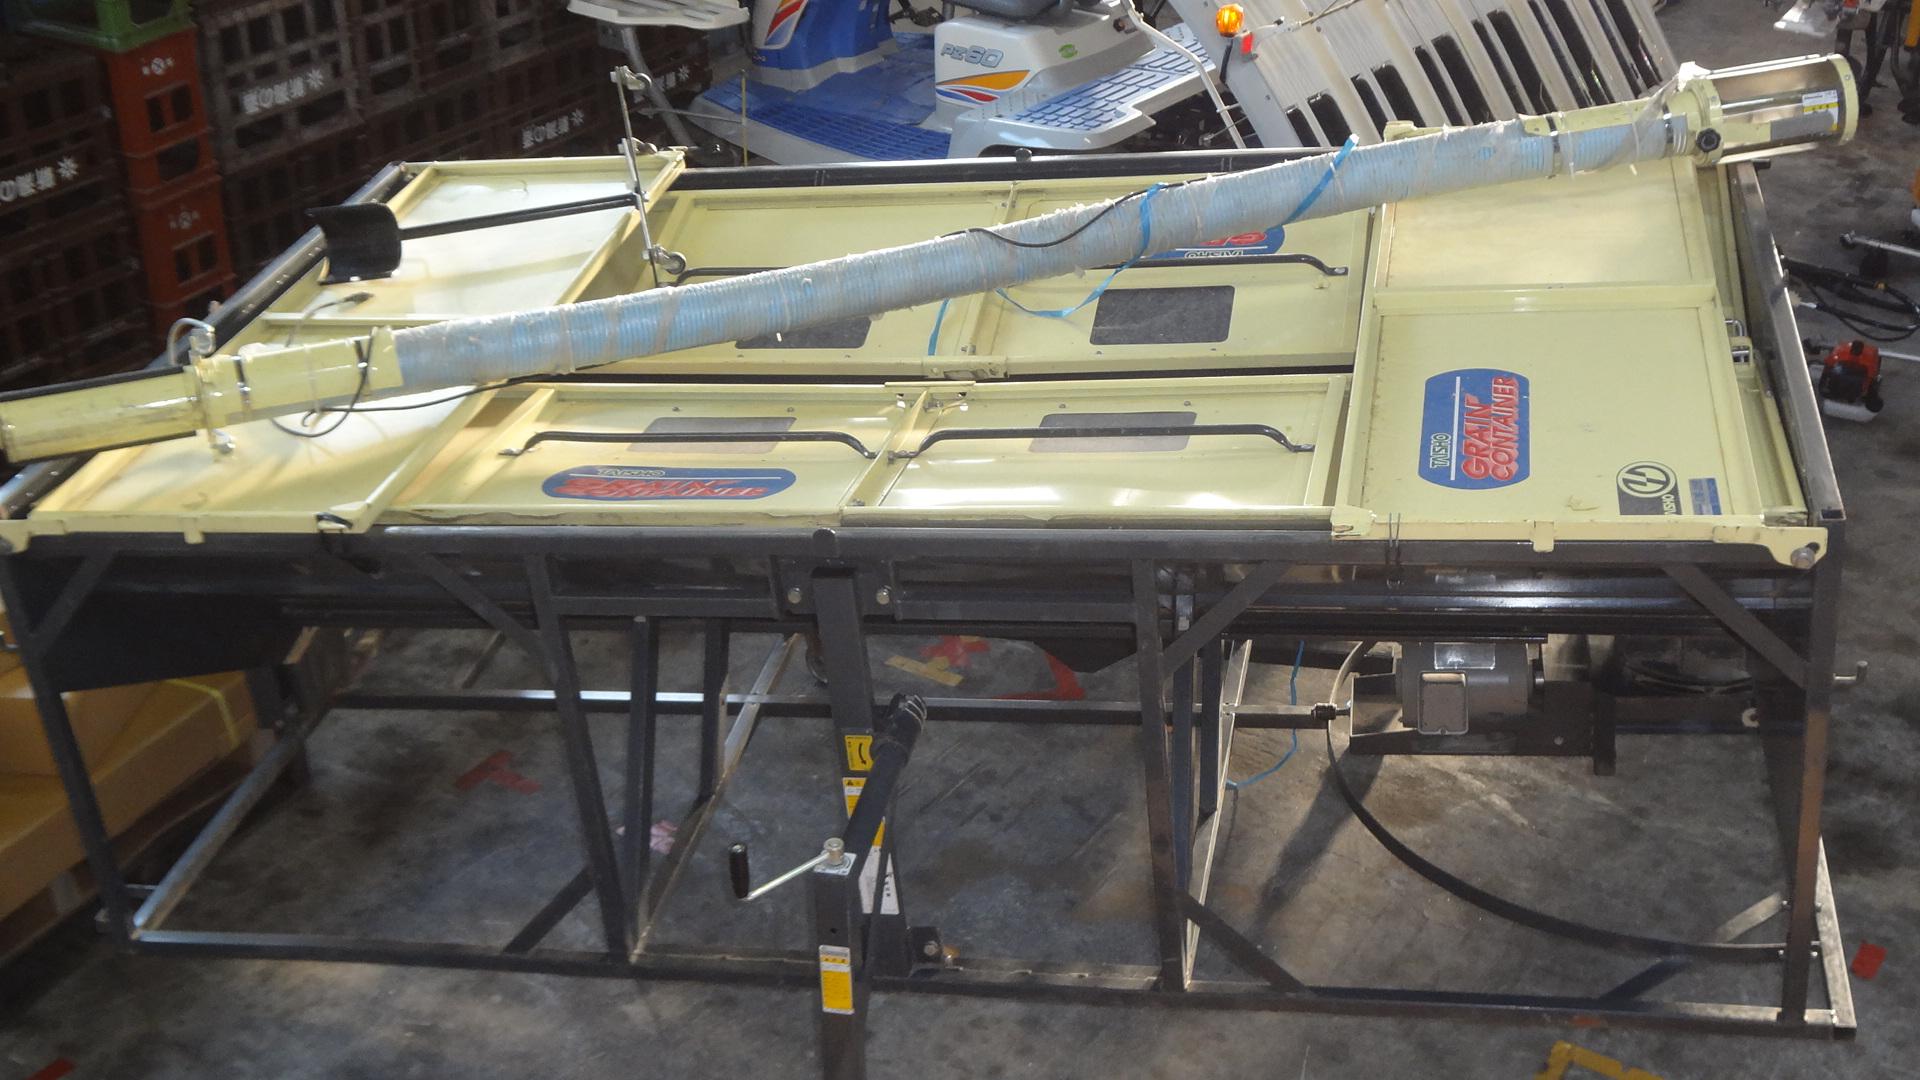 2トン車用籾コンテナ タイショー UM23EH30CL 3400L 2.25Kw 回転スタンド付